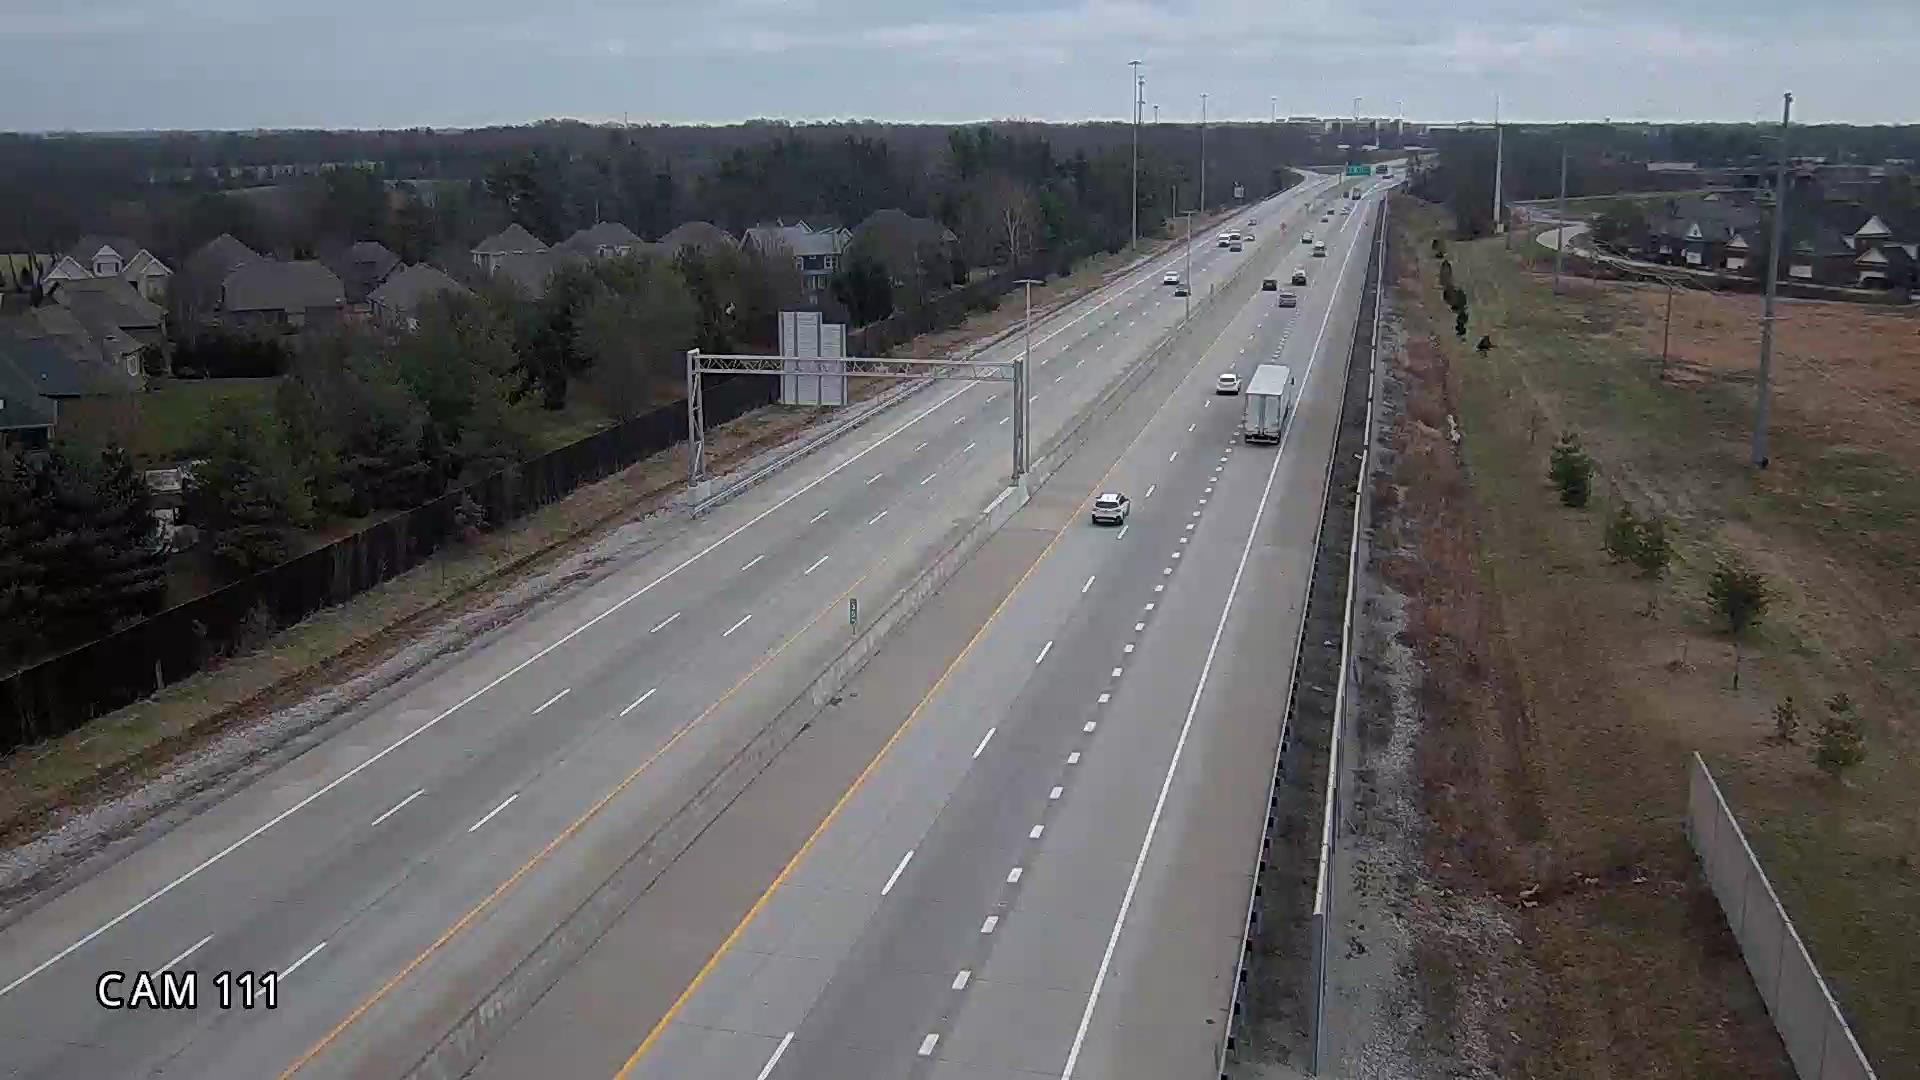 KY841 near I-71 (South)  (339)  - Kentucky